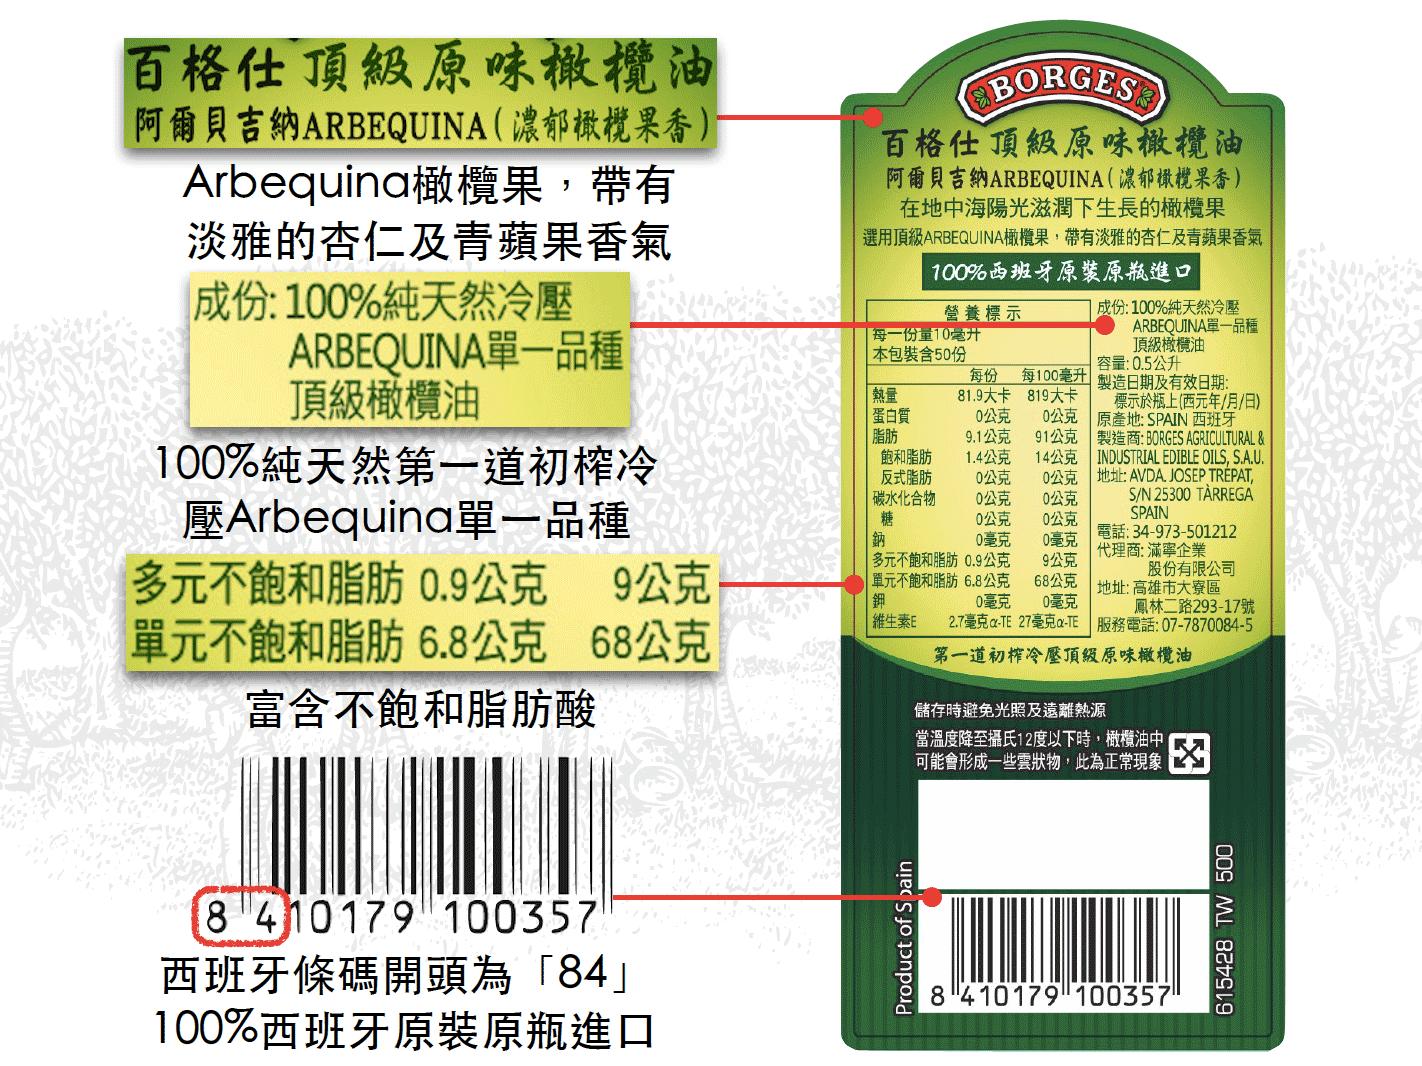 百格仕阿爾貝吉納(Arbequina)橄欖油背標